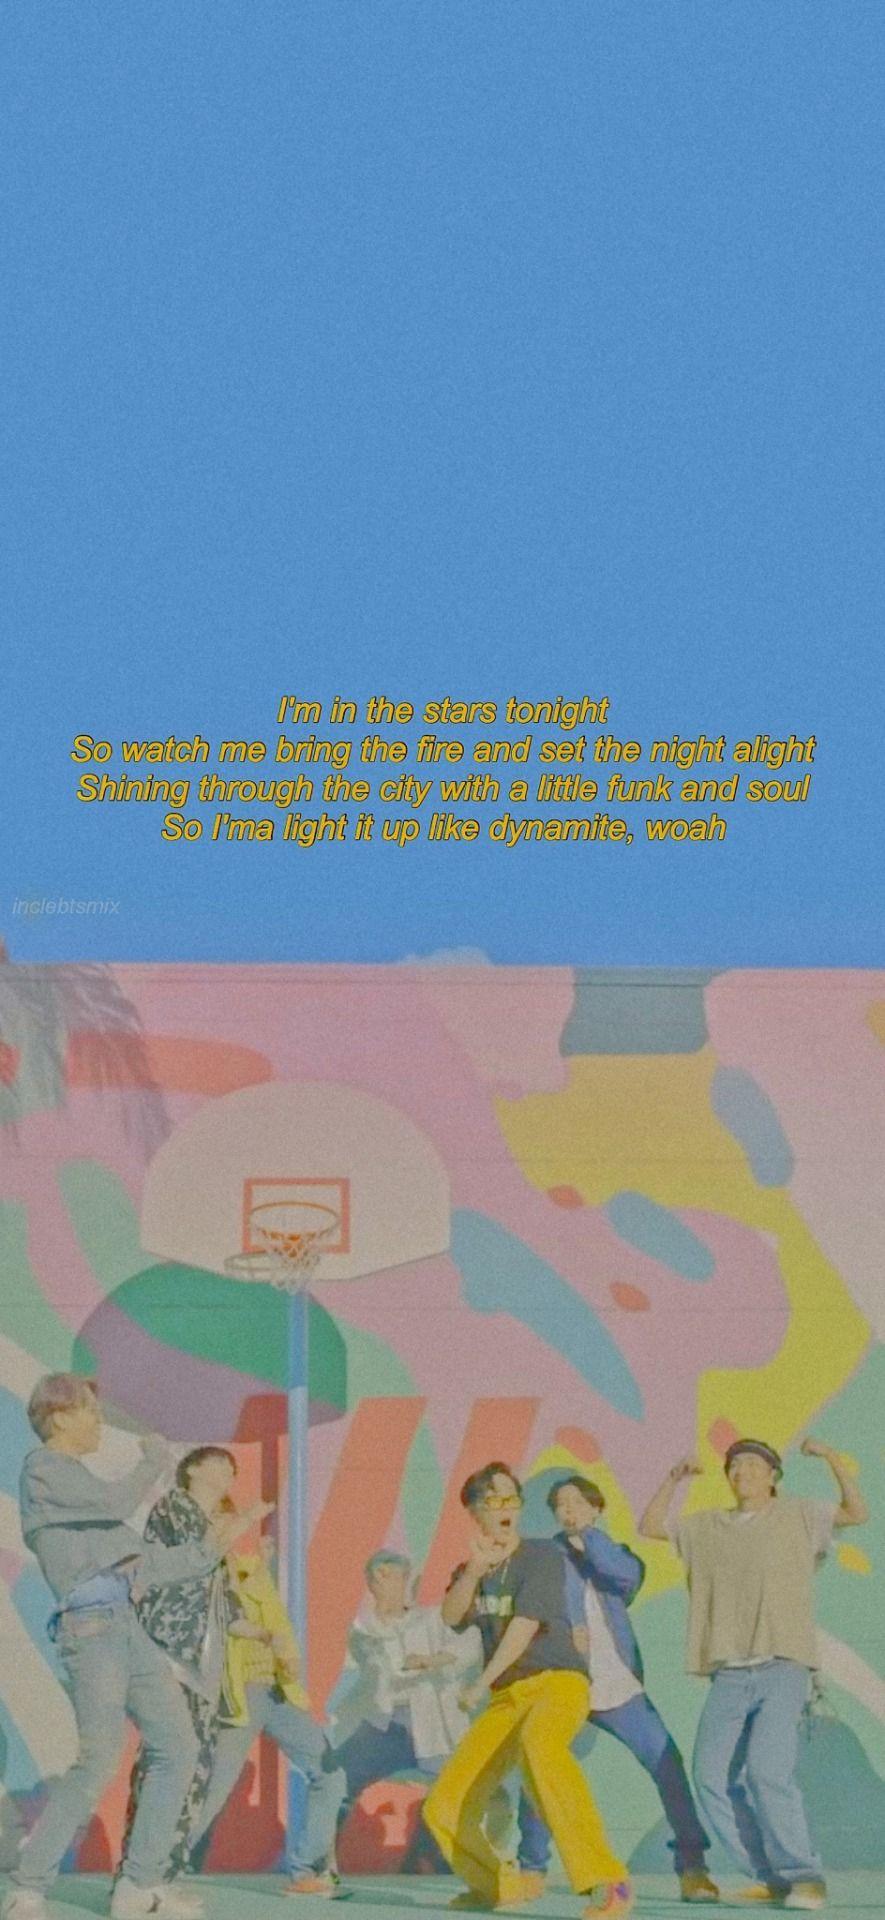 Imagen Descubierto Por Stephanie Descubre Y Guarda Tus Propias Imagenes Y Videos En We Heart It Bts Wallpaper Bts Wallpaper Lyrics Bts Lockscreen